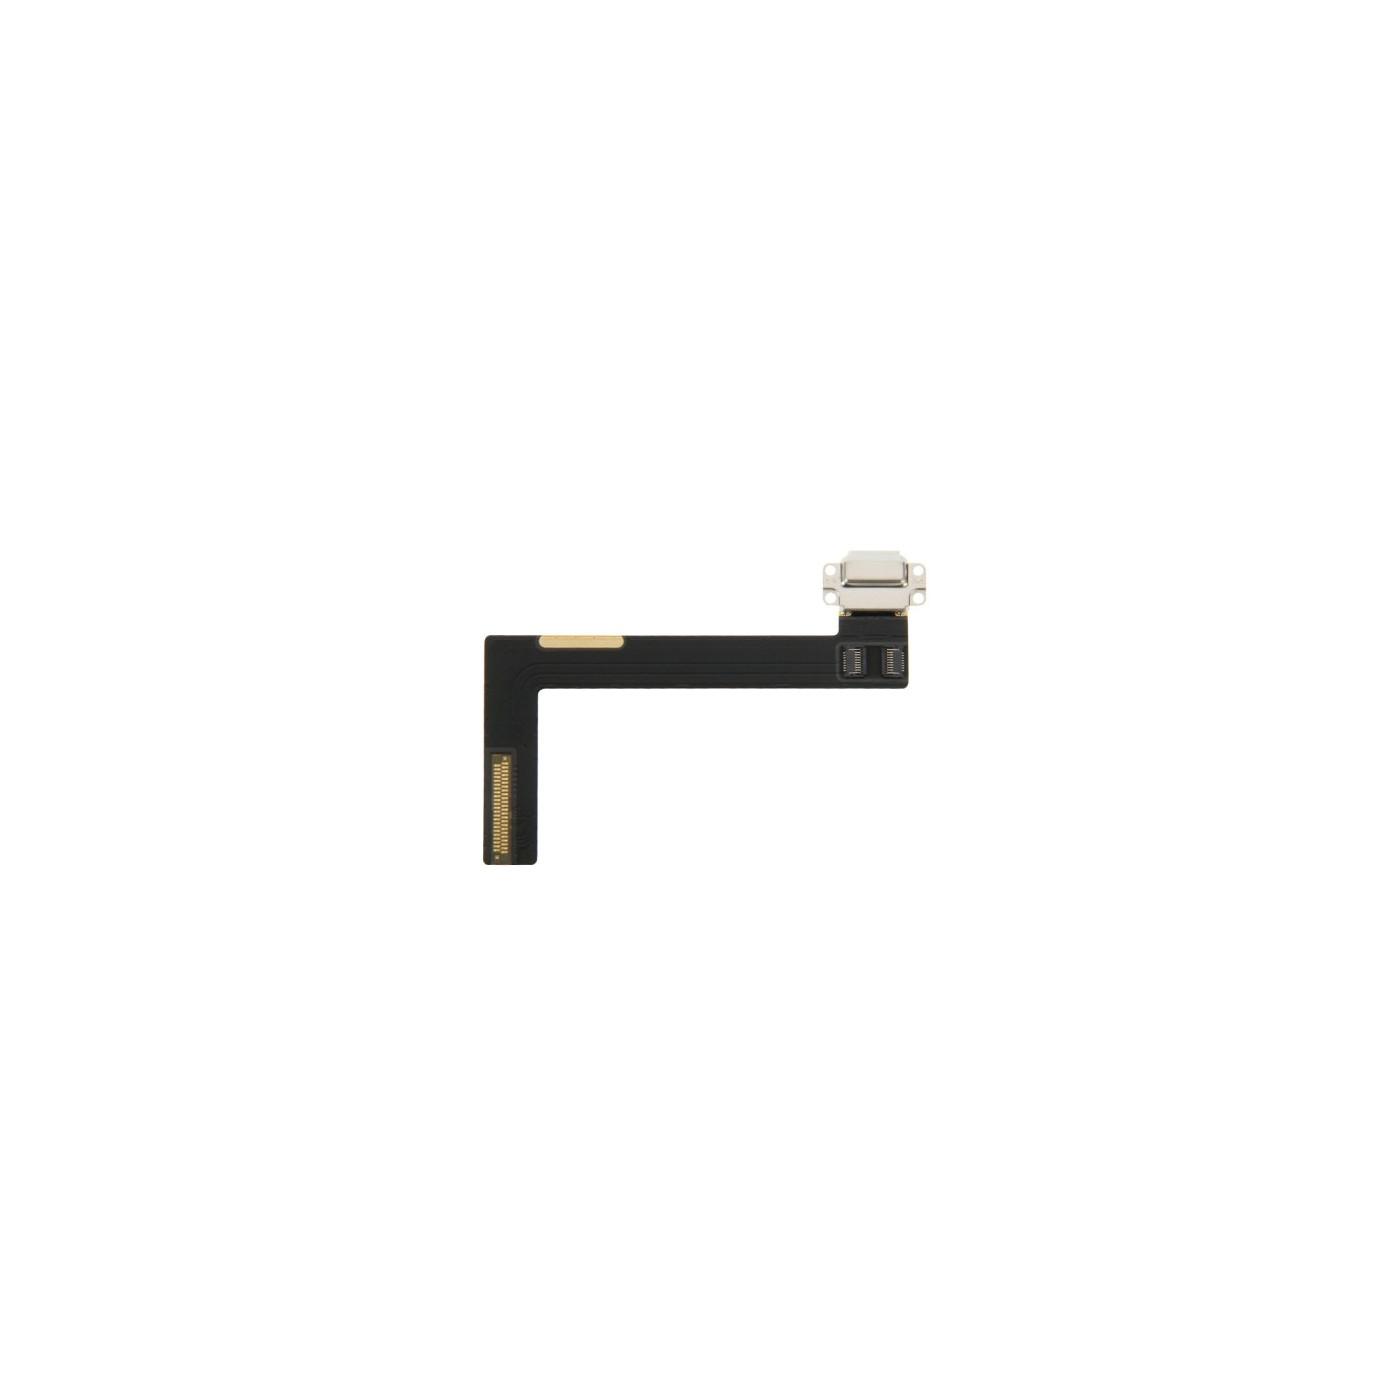 Connecteur de charge plat pour Apple iPad Air 2